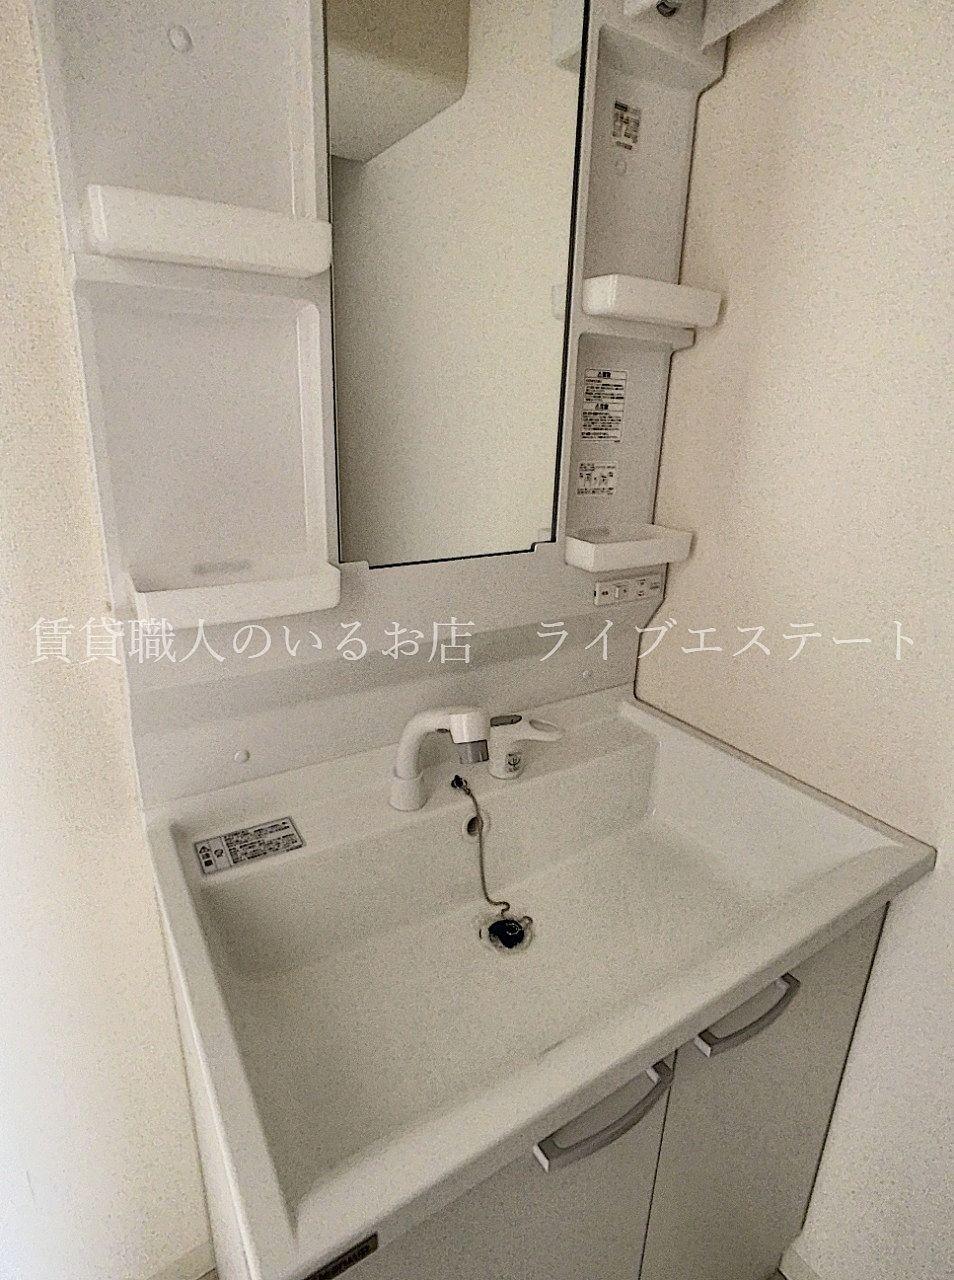 真っ白で清潔感のある洗面台